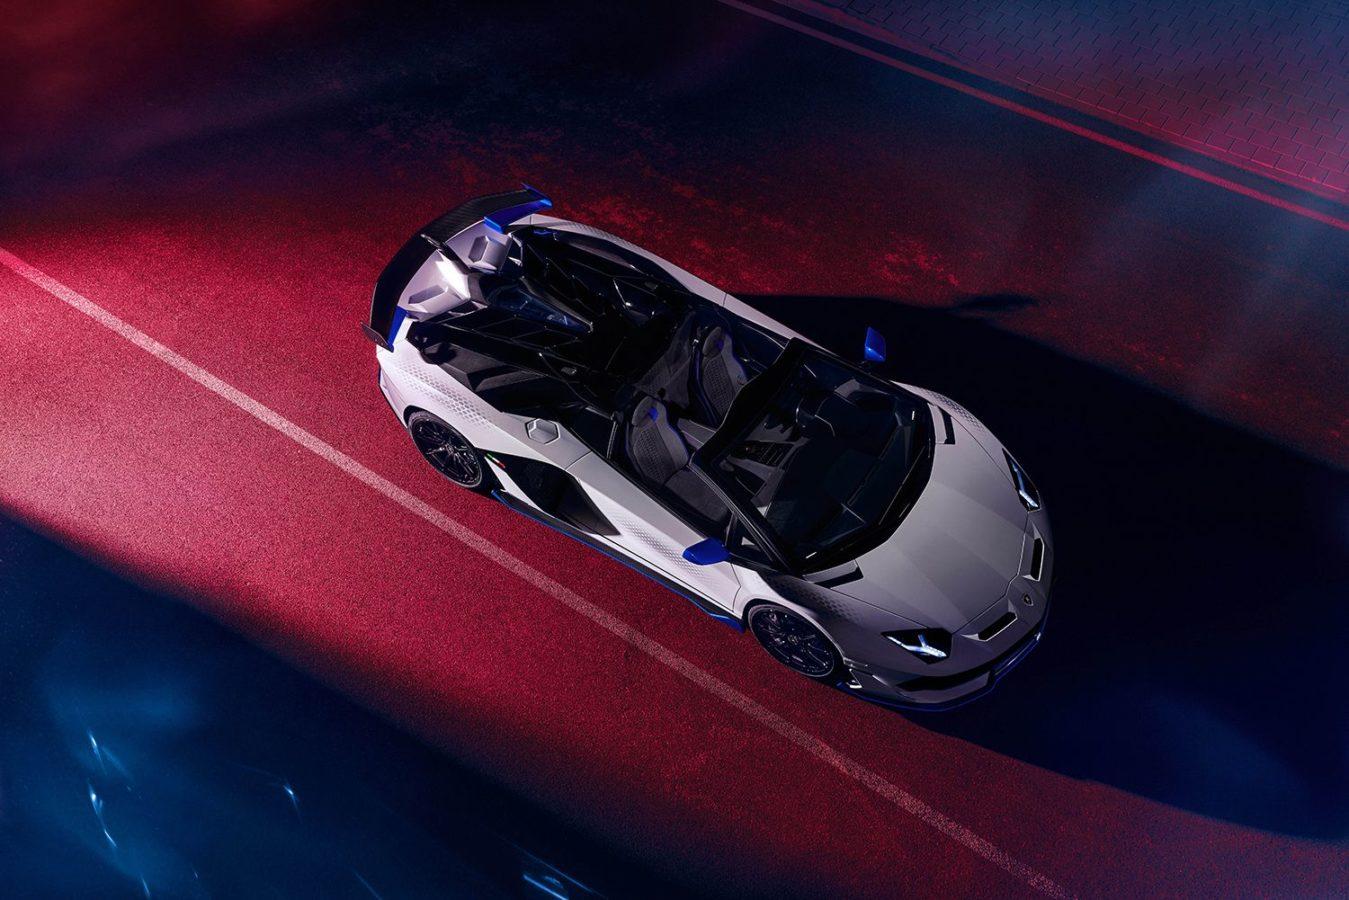 全球僅10台!藍寶堅尼Aventador SVJ Xago特仕款大牛,不只限量還能線上客製化